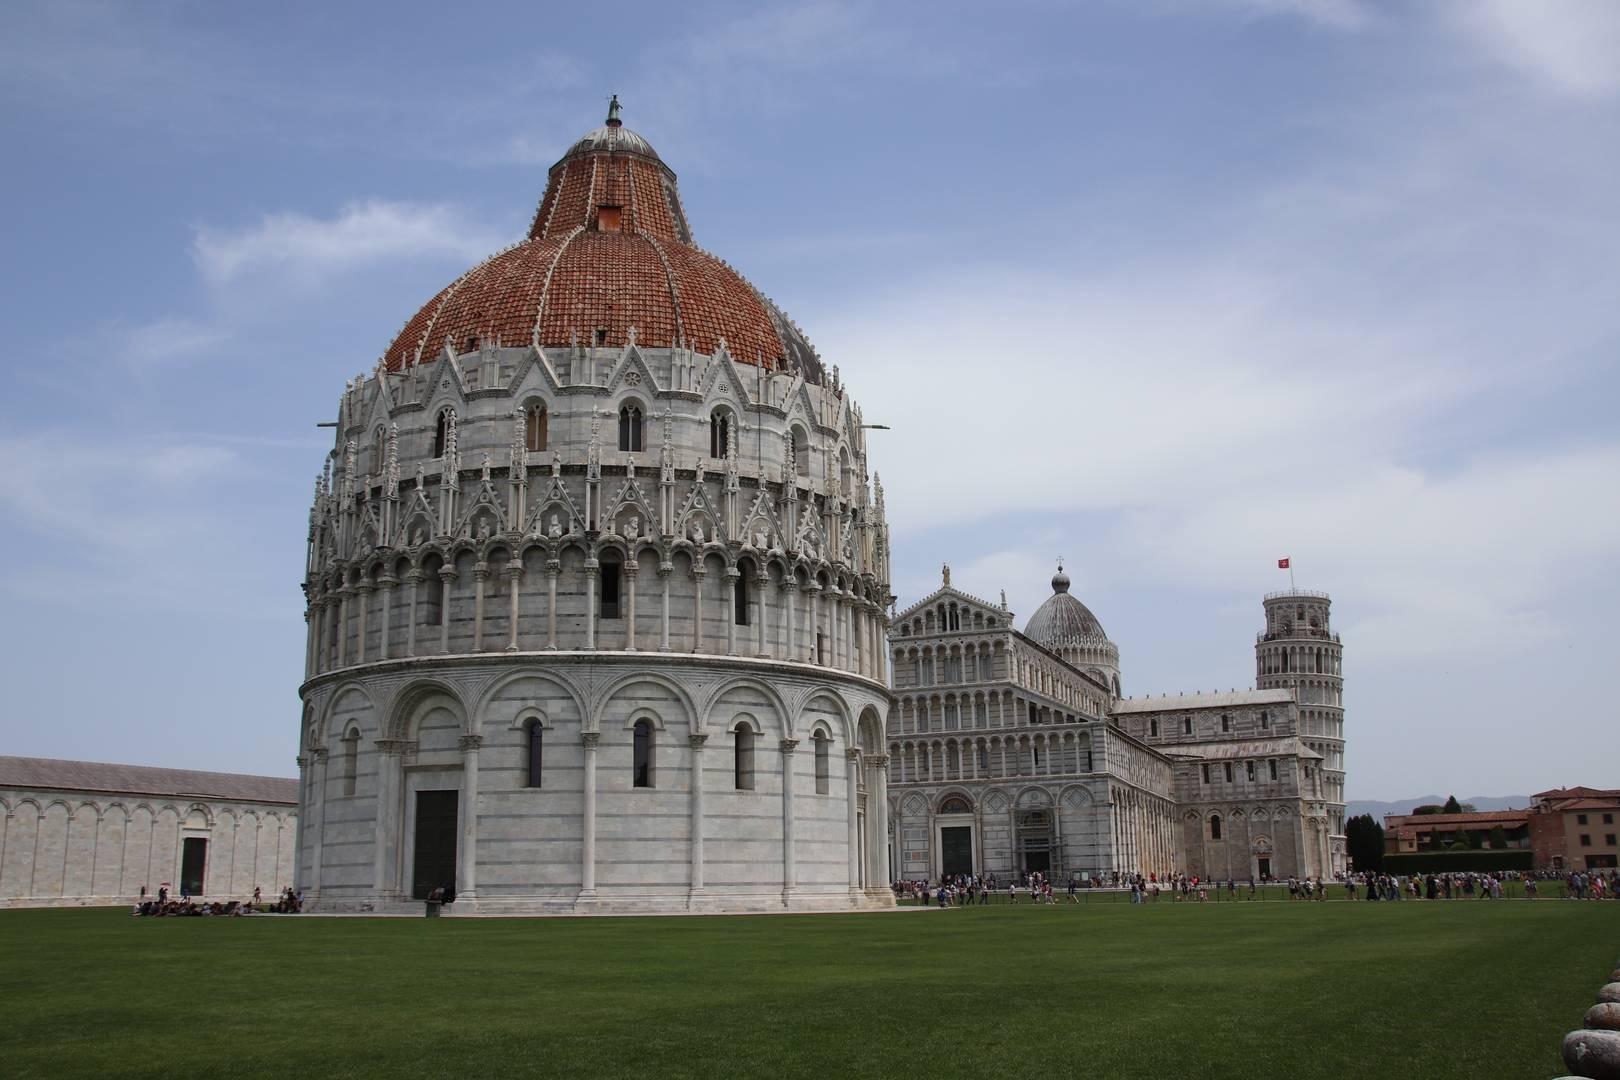 Italie - Baptistère, cathédrale et tour de Pise sur la Piazza dei Miracoli